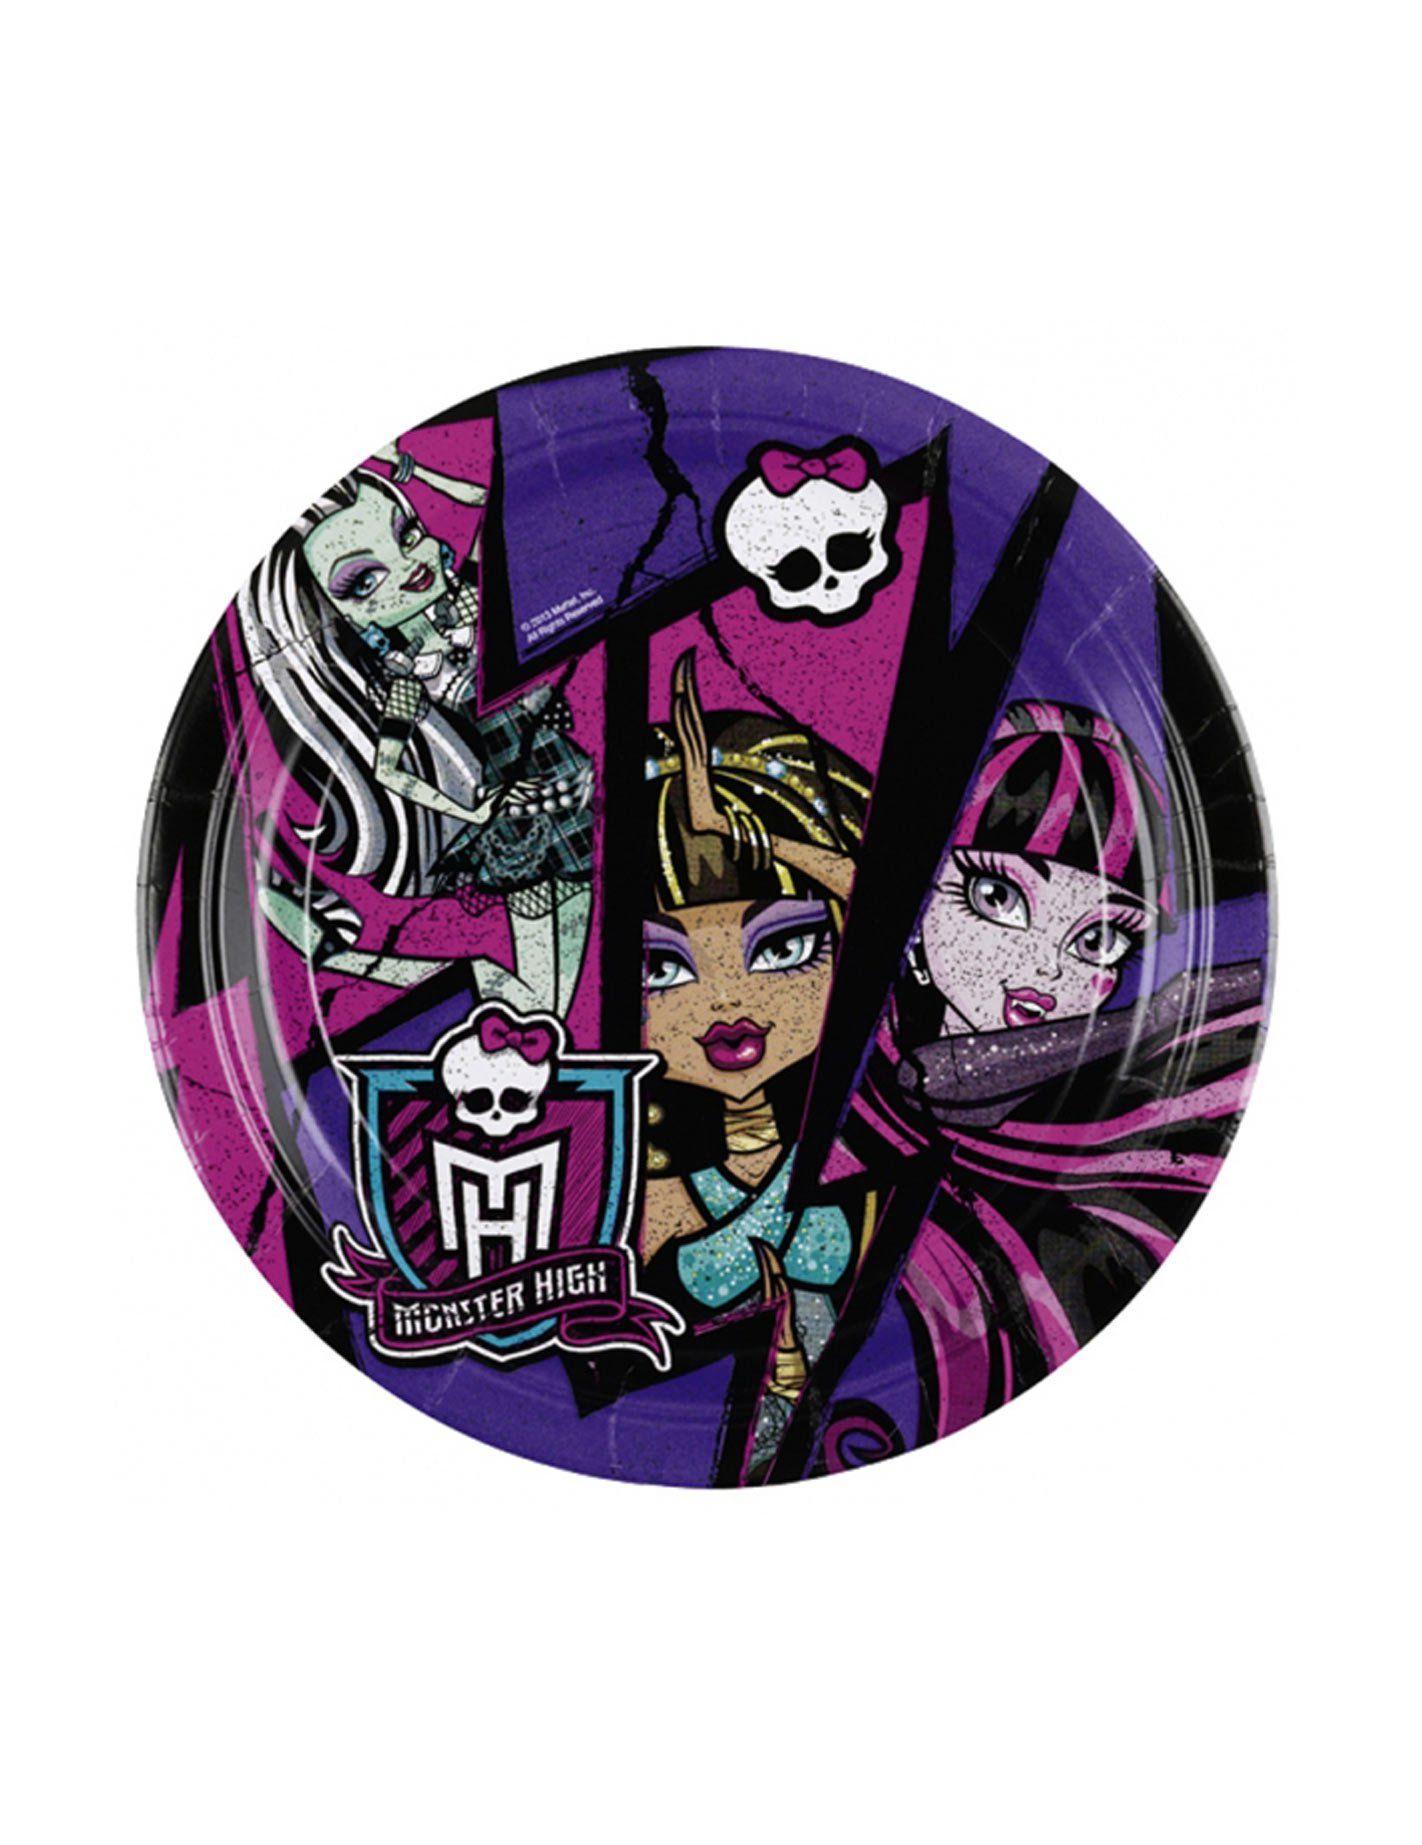 8 Platos De Carton Monster High 18 Cm Este Lote Incluye 8 Platos De Carton Con Licencia